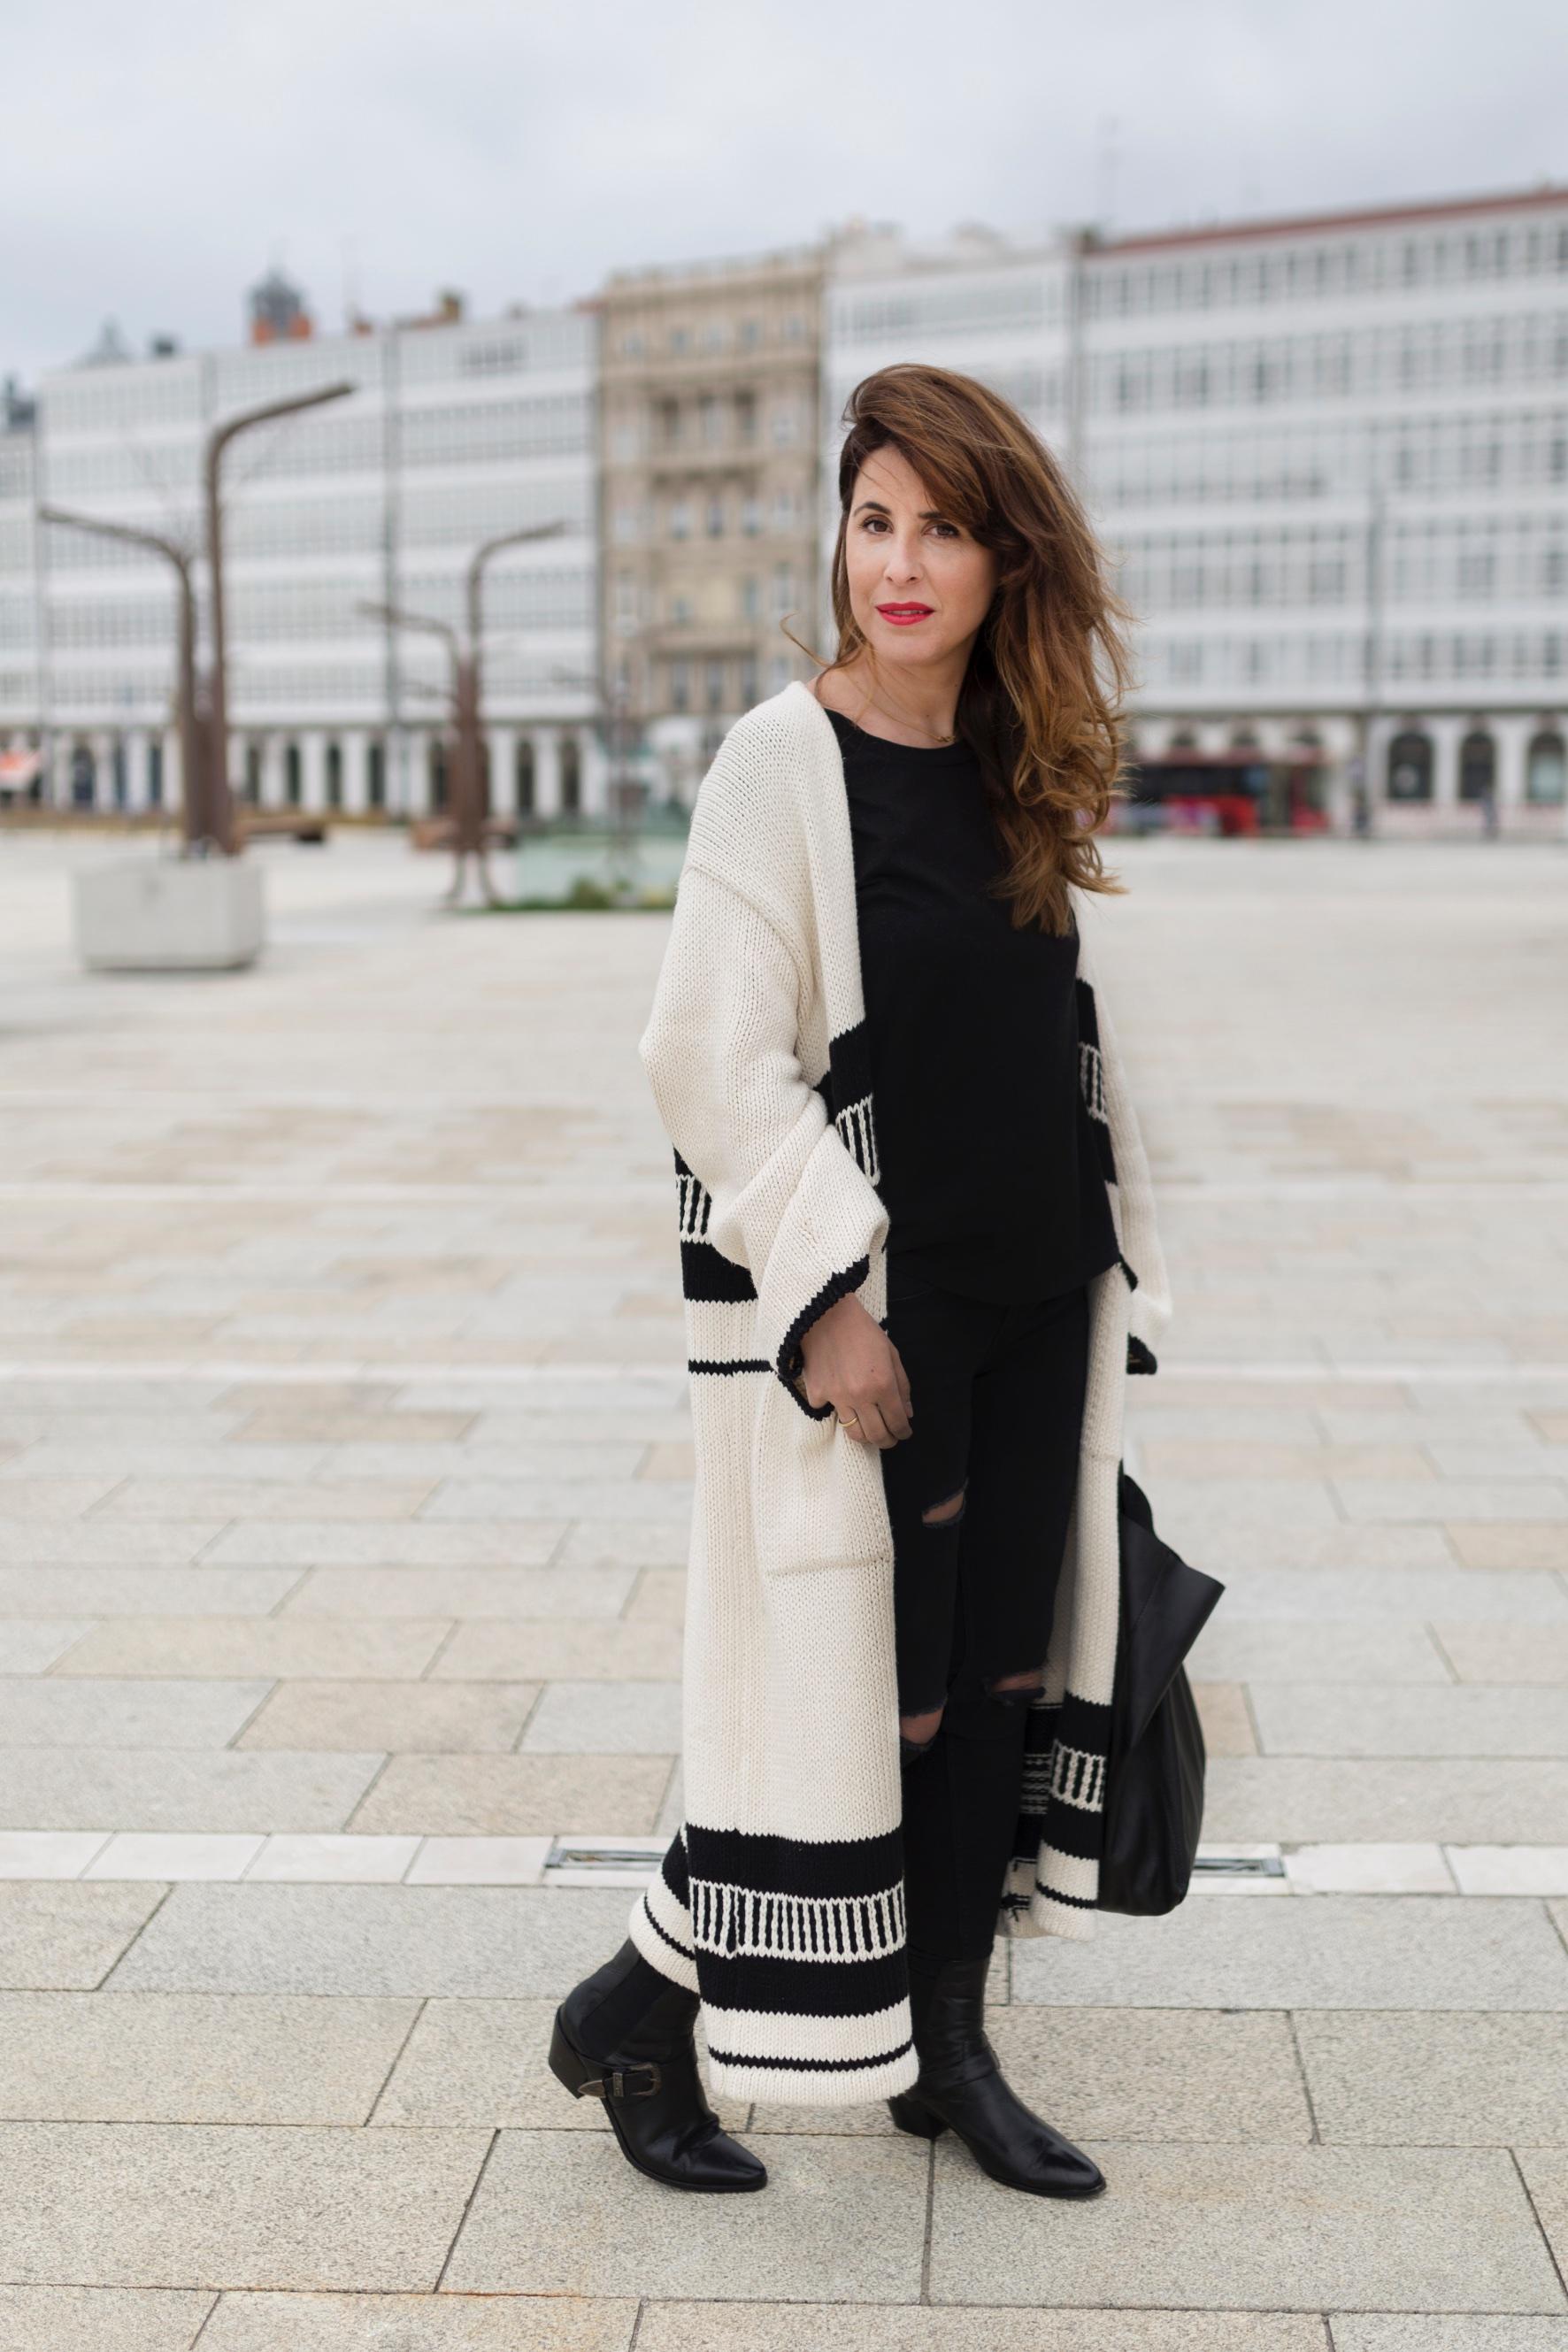 calle-zara-look- coruña- streetstyle- blogger- cèline bag- style- zara look-ootd- descalzaporelparque-fashion-moda